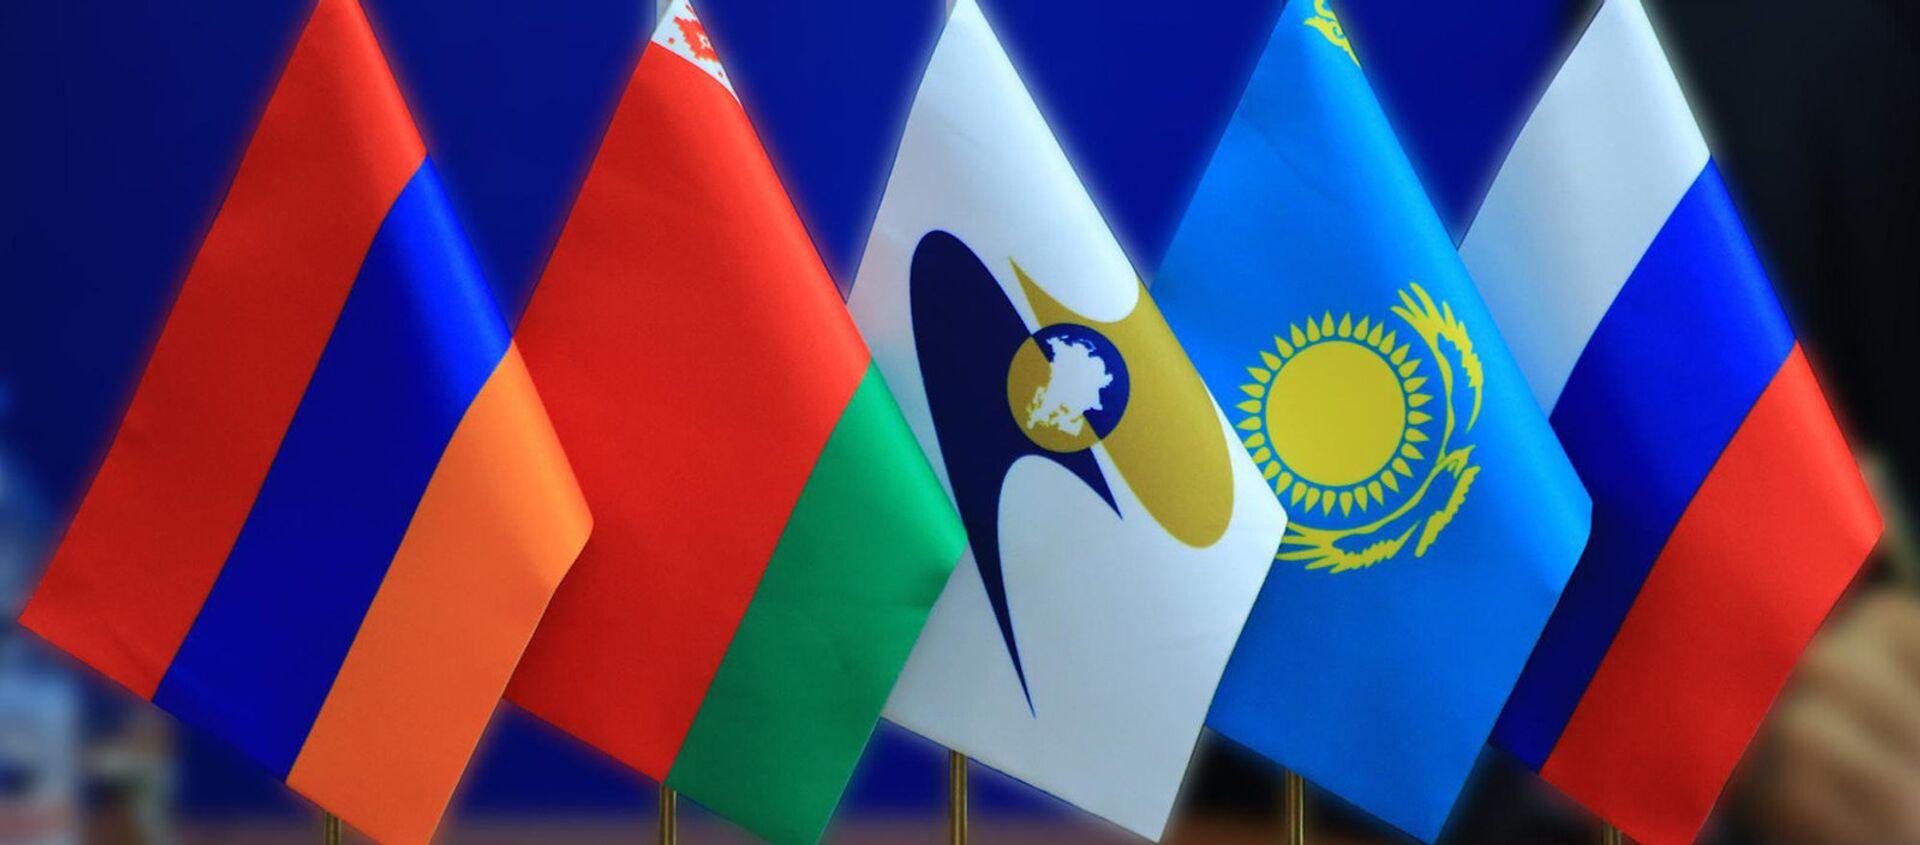 Евразийское экономическое сообщество (ЕАЭС) флаги  - Sputnik Արմենիա, 1920, 21.07.2021